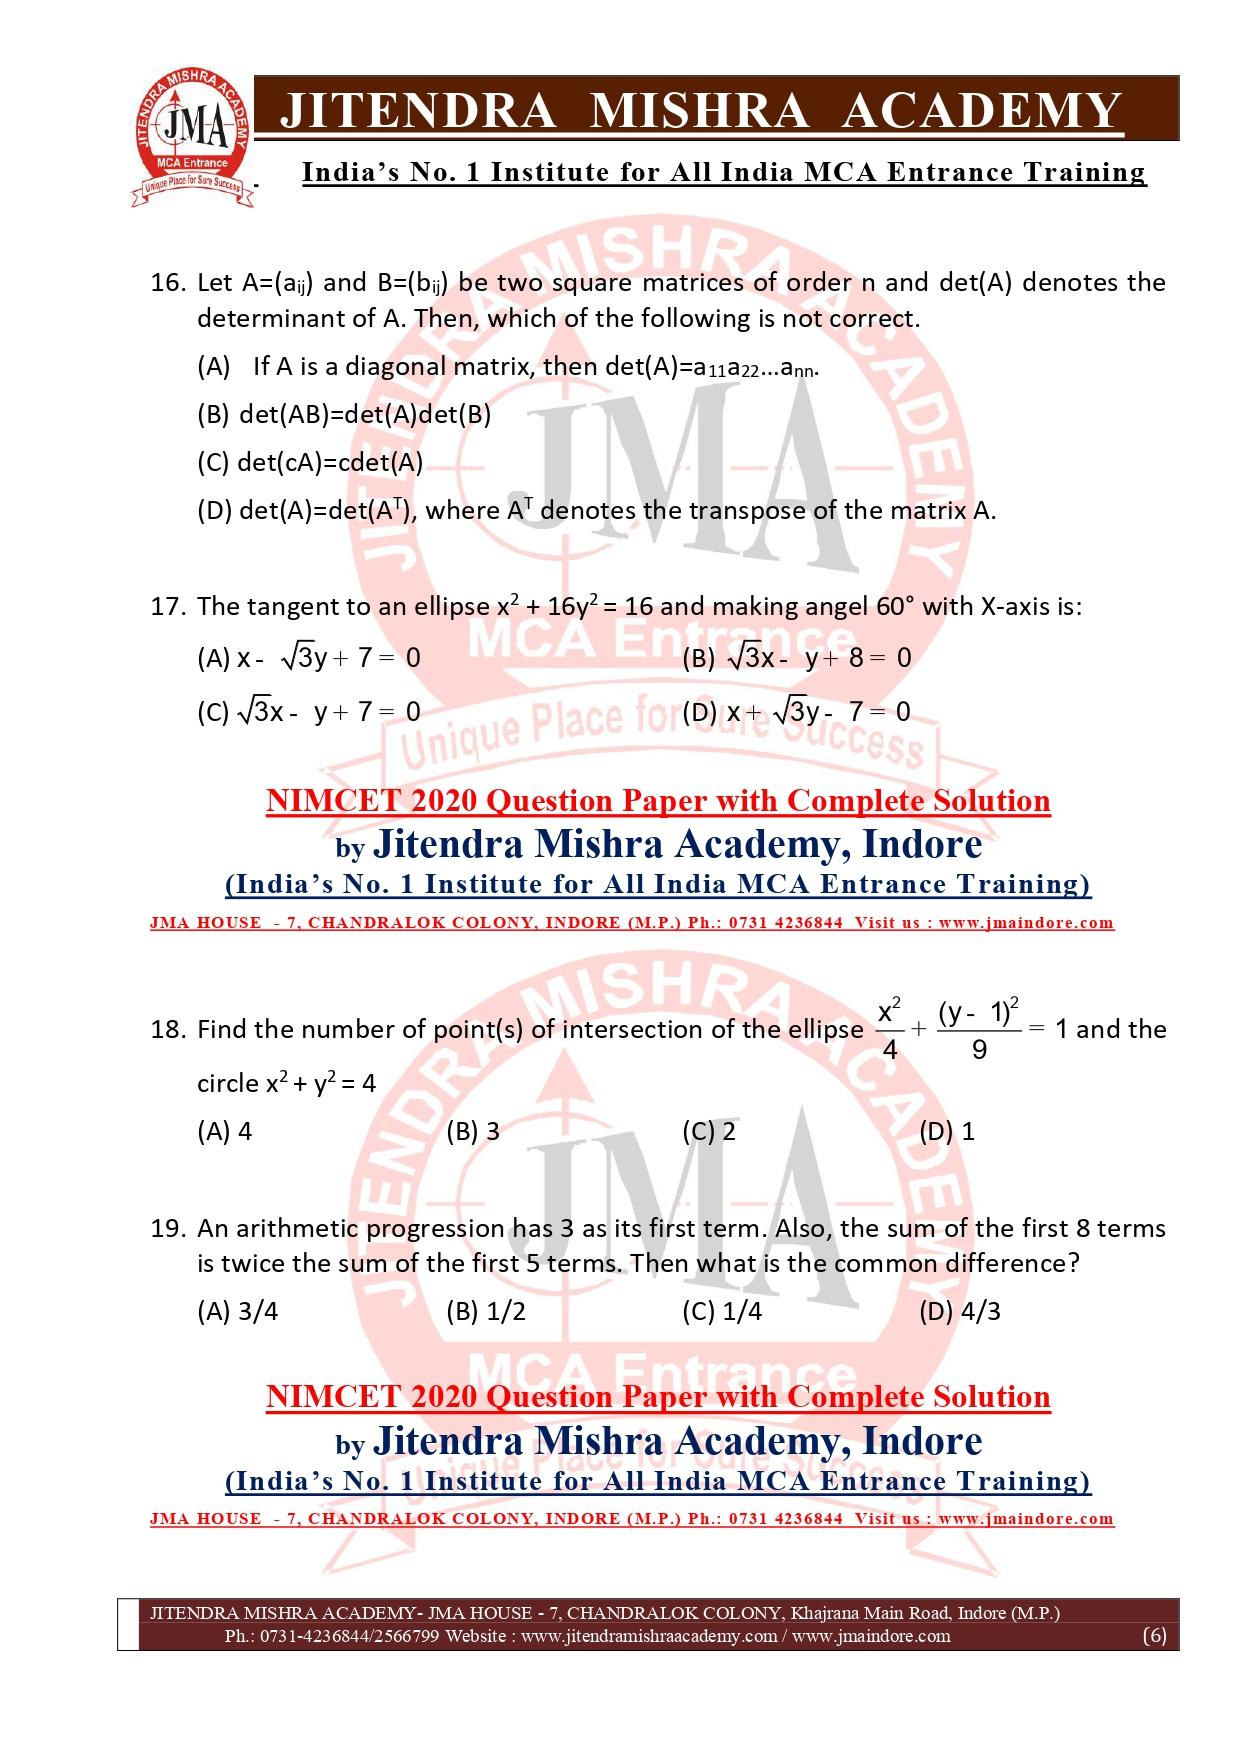 NIMCET 2020 QUESTION PAPER (FINAL)_page-0006